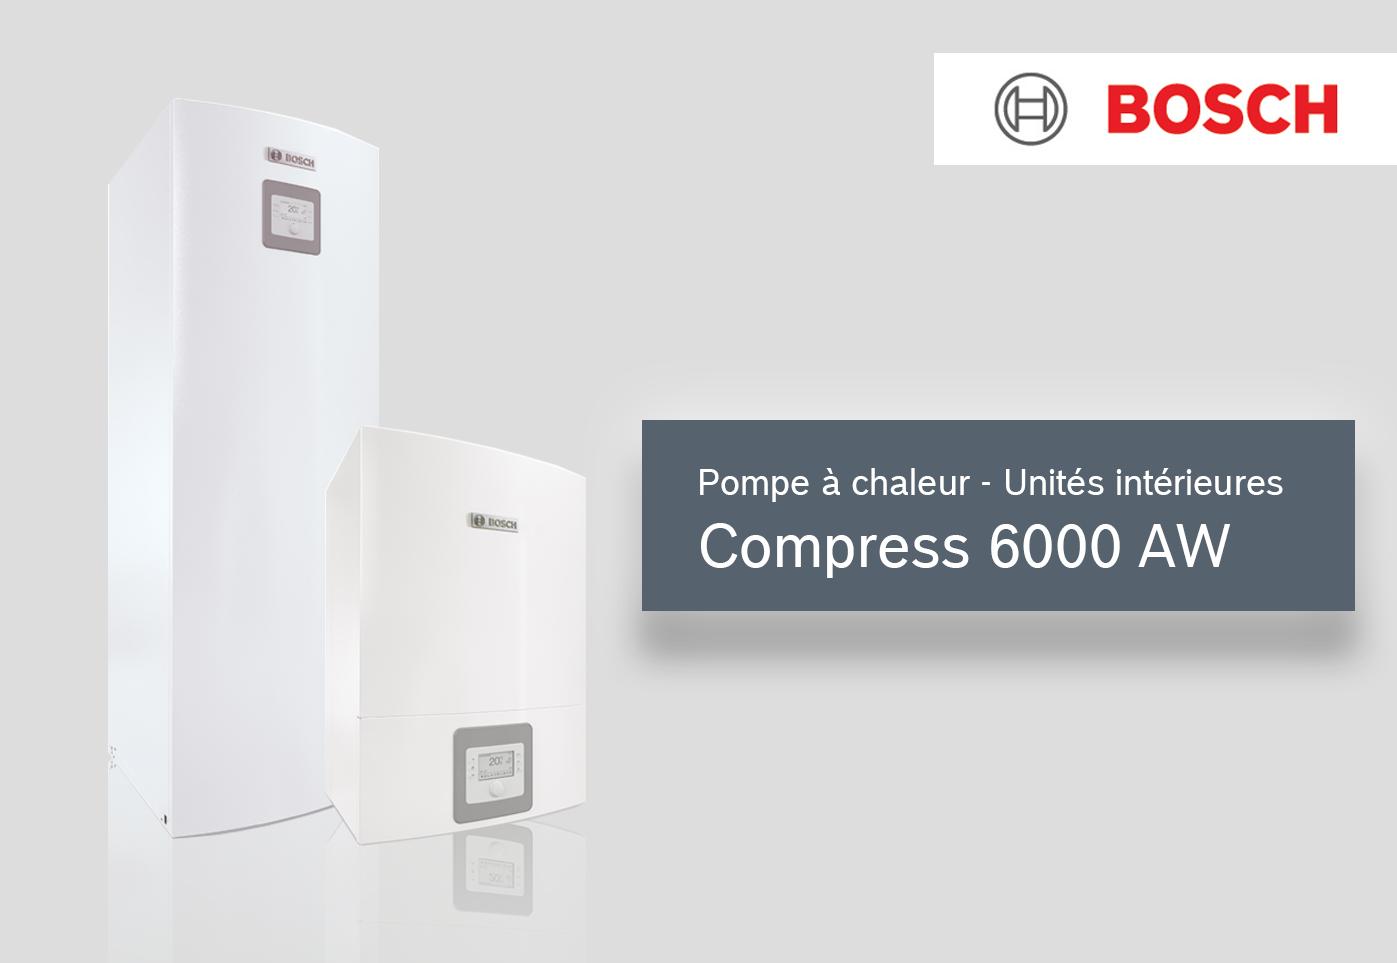 Compress 6000 AW unité intérieure